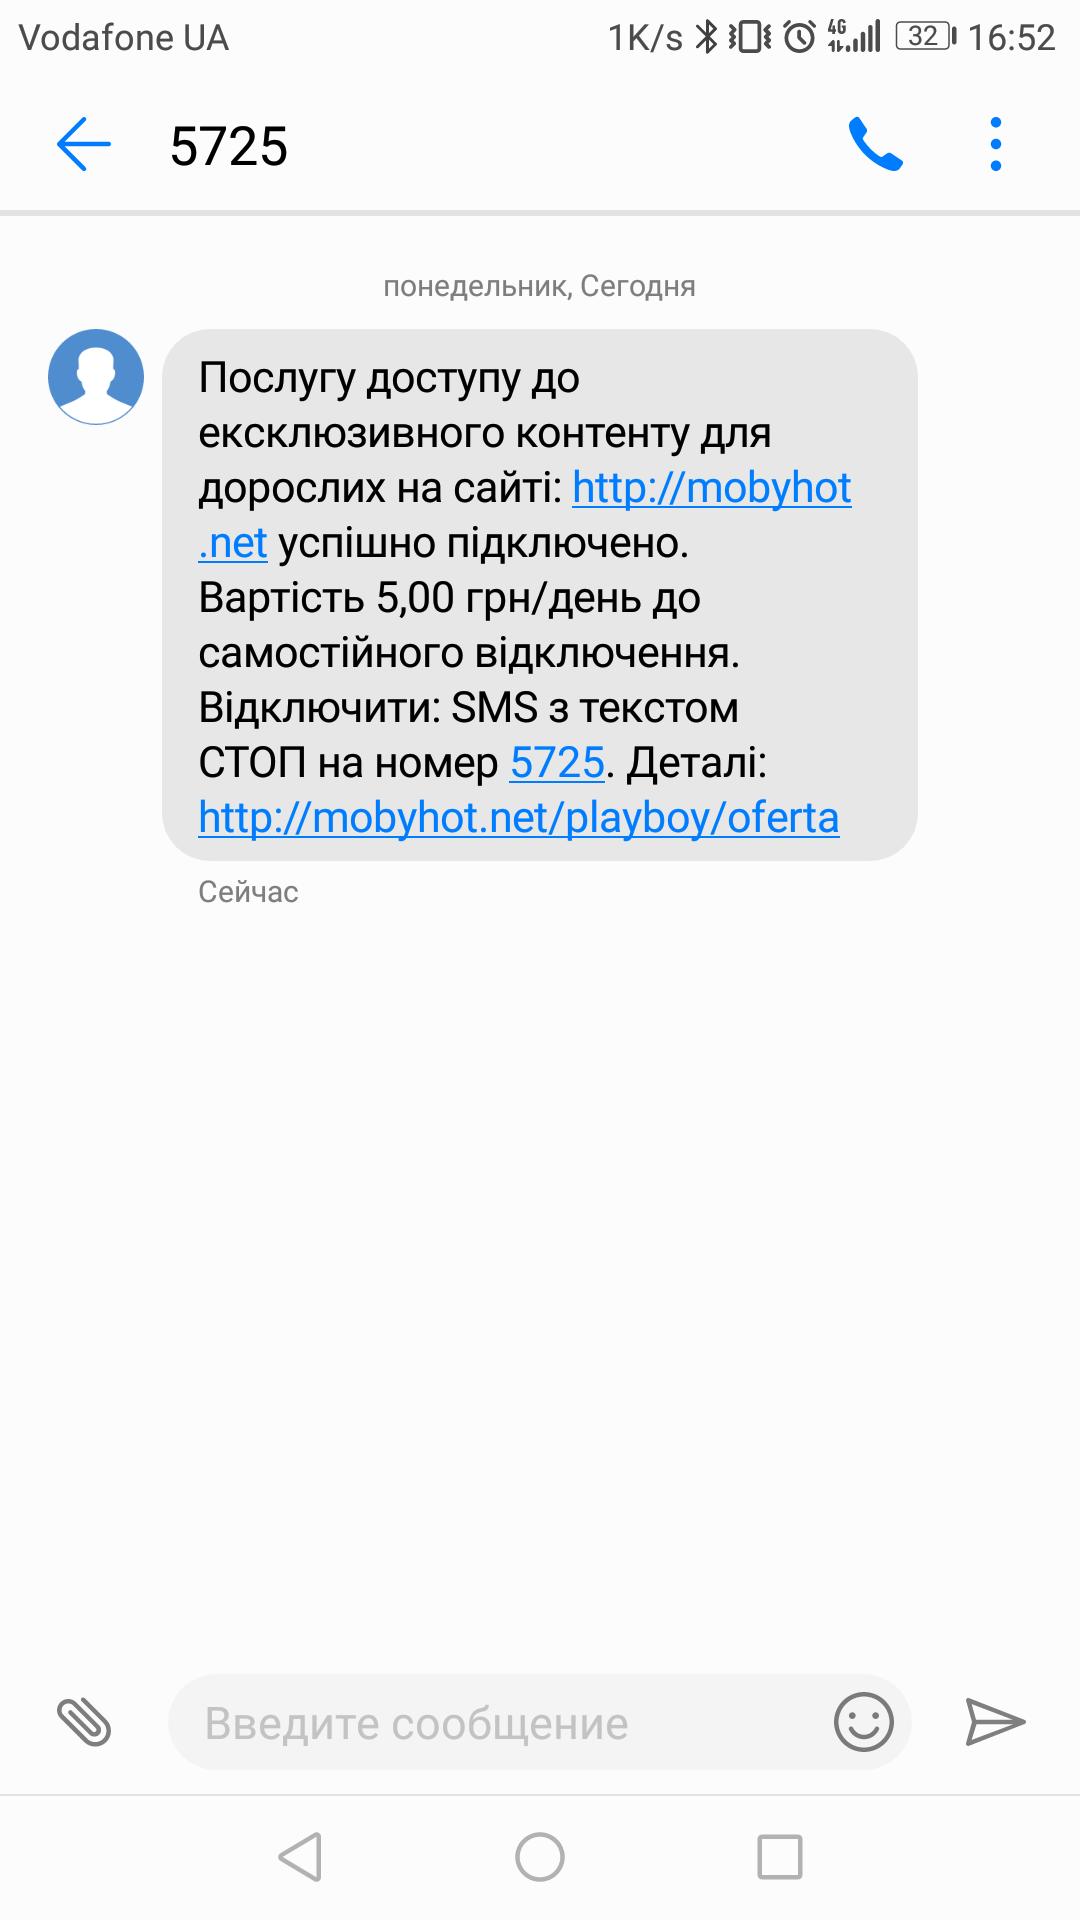 SMS-inform5.png (119 KB)